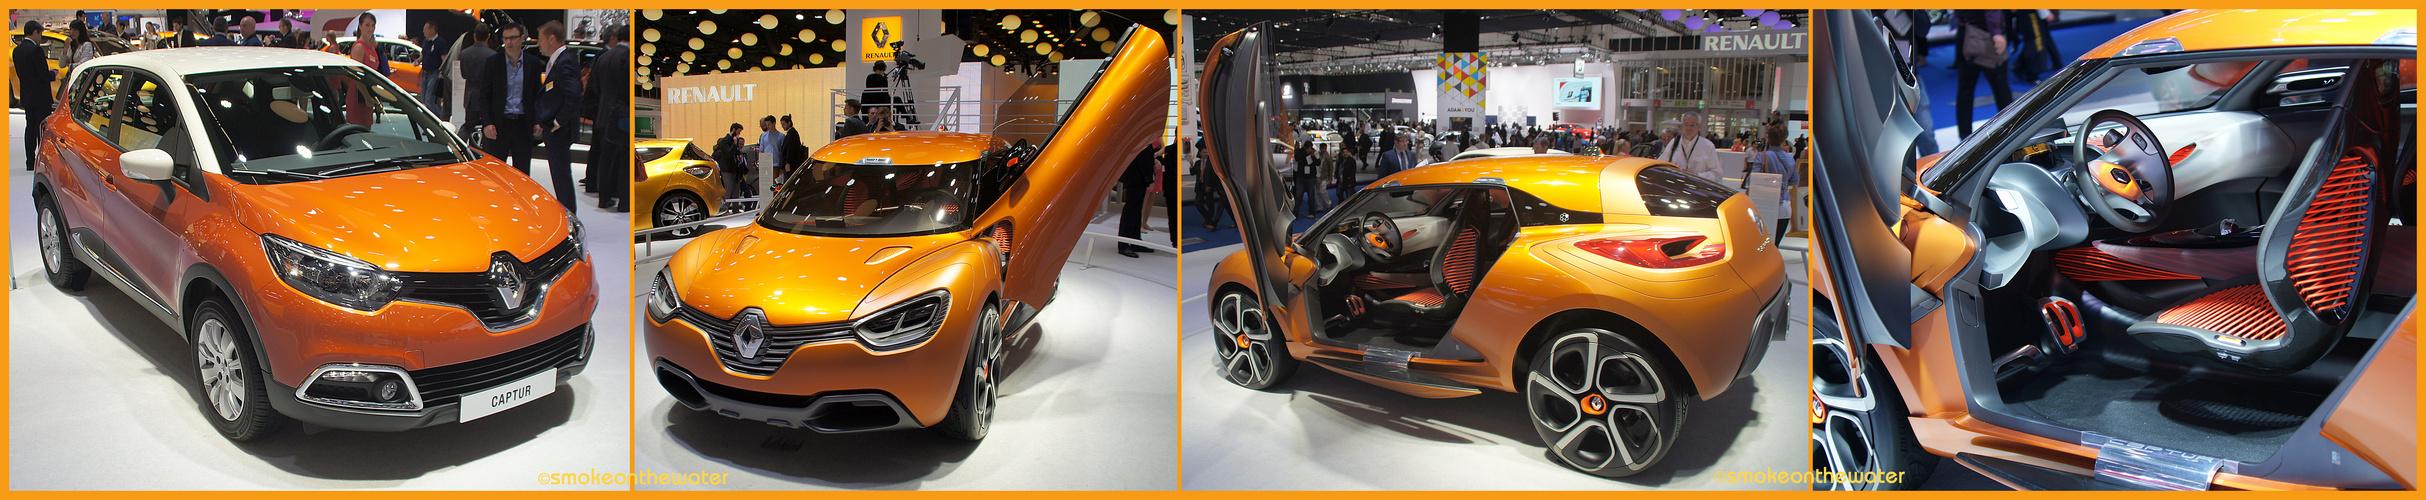 Renault Captur – Serie vs. Concept